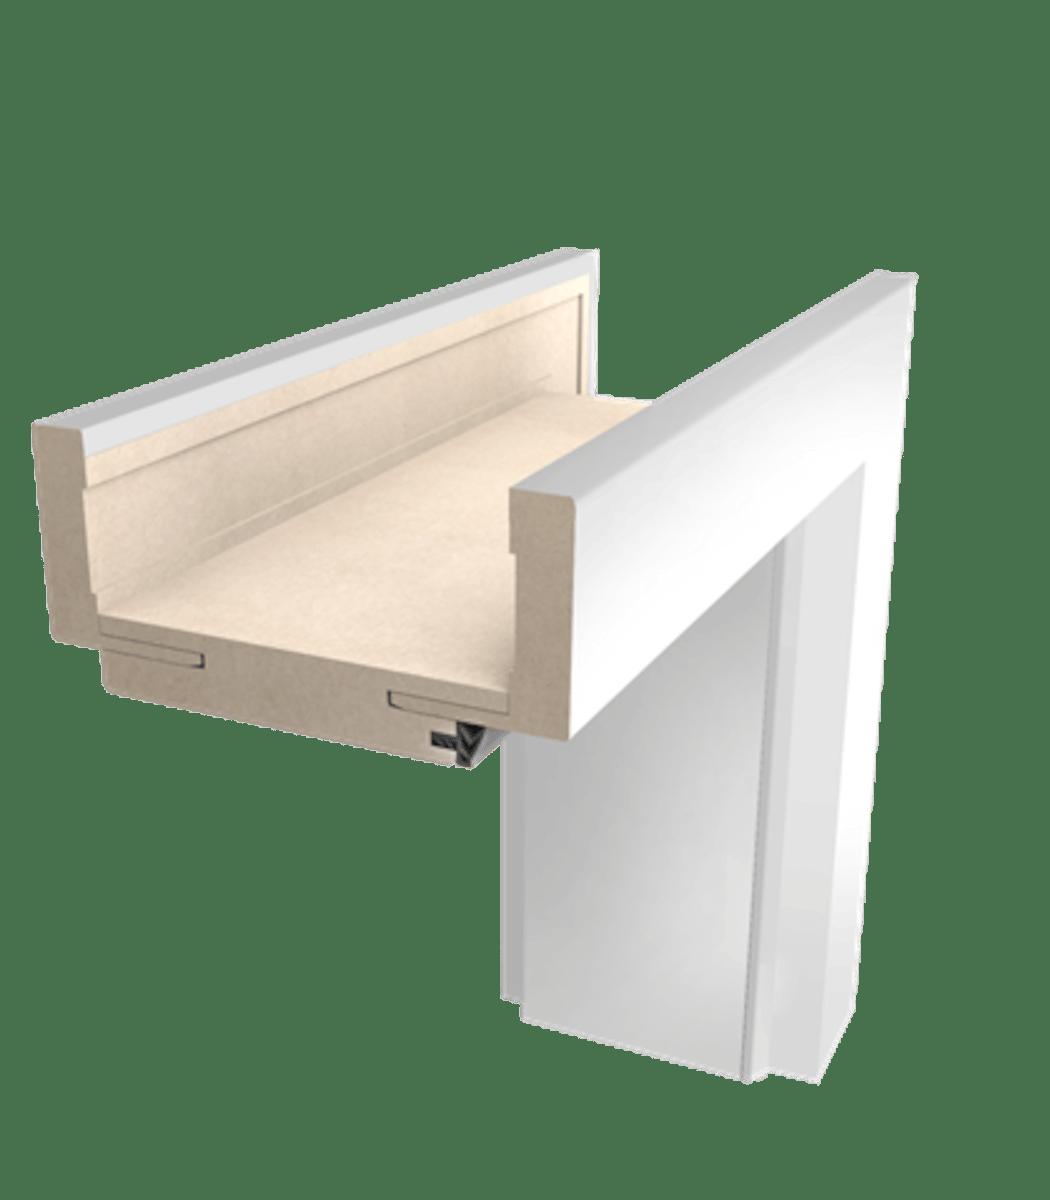 Obložková zárubňa Naturel 60 cm pre hrúbku steny 10-14 cm biela pravá O2BF60P